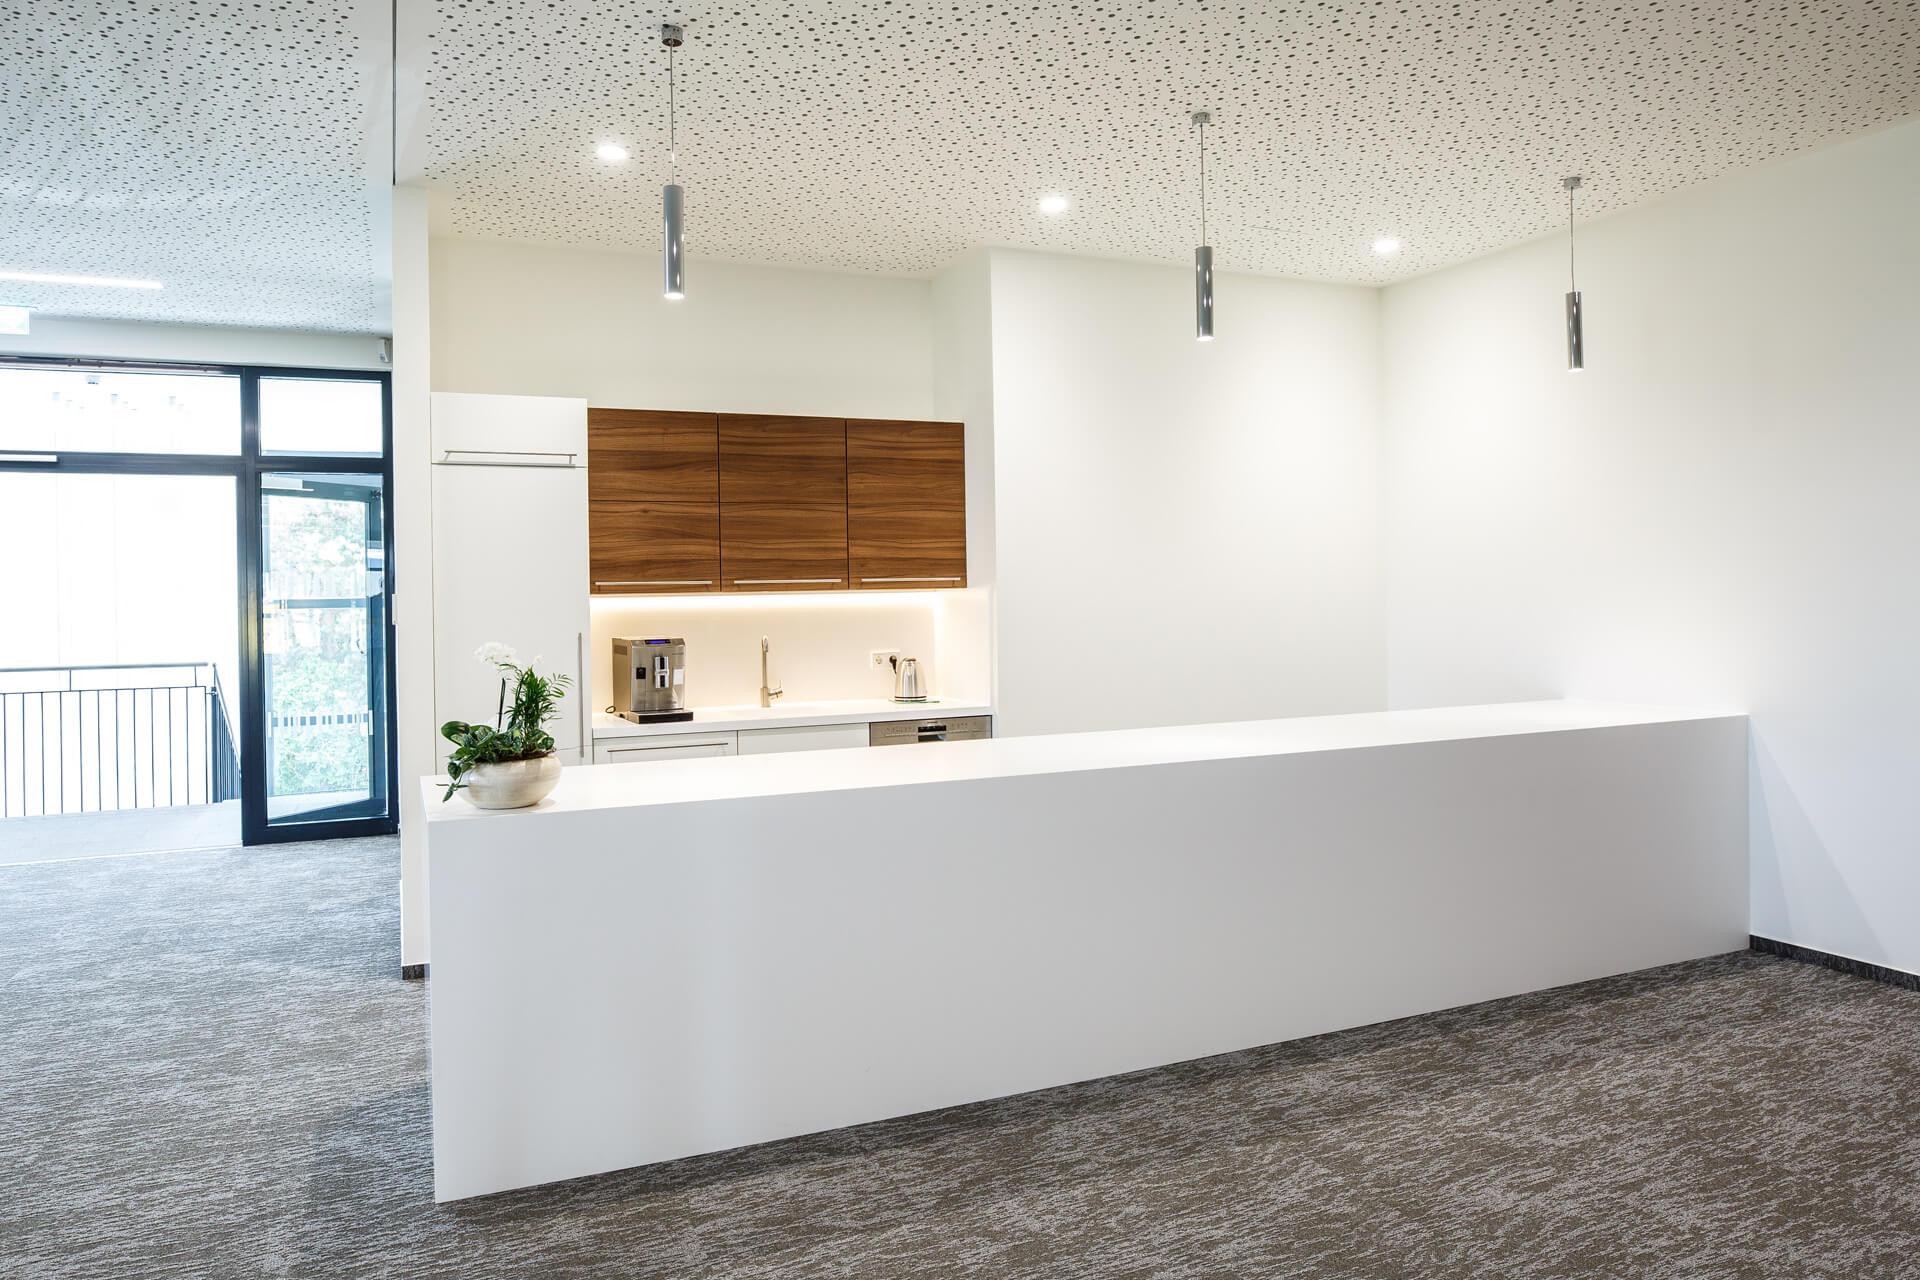 Projekt Bank Reute-Gaisbeuren